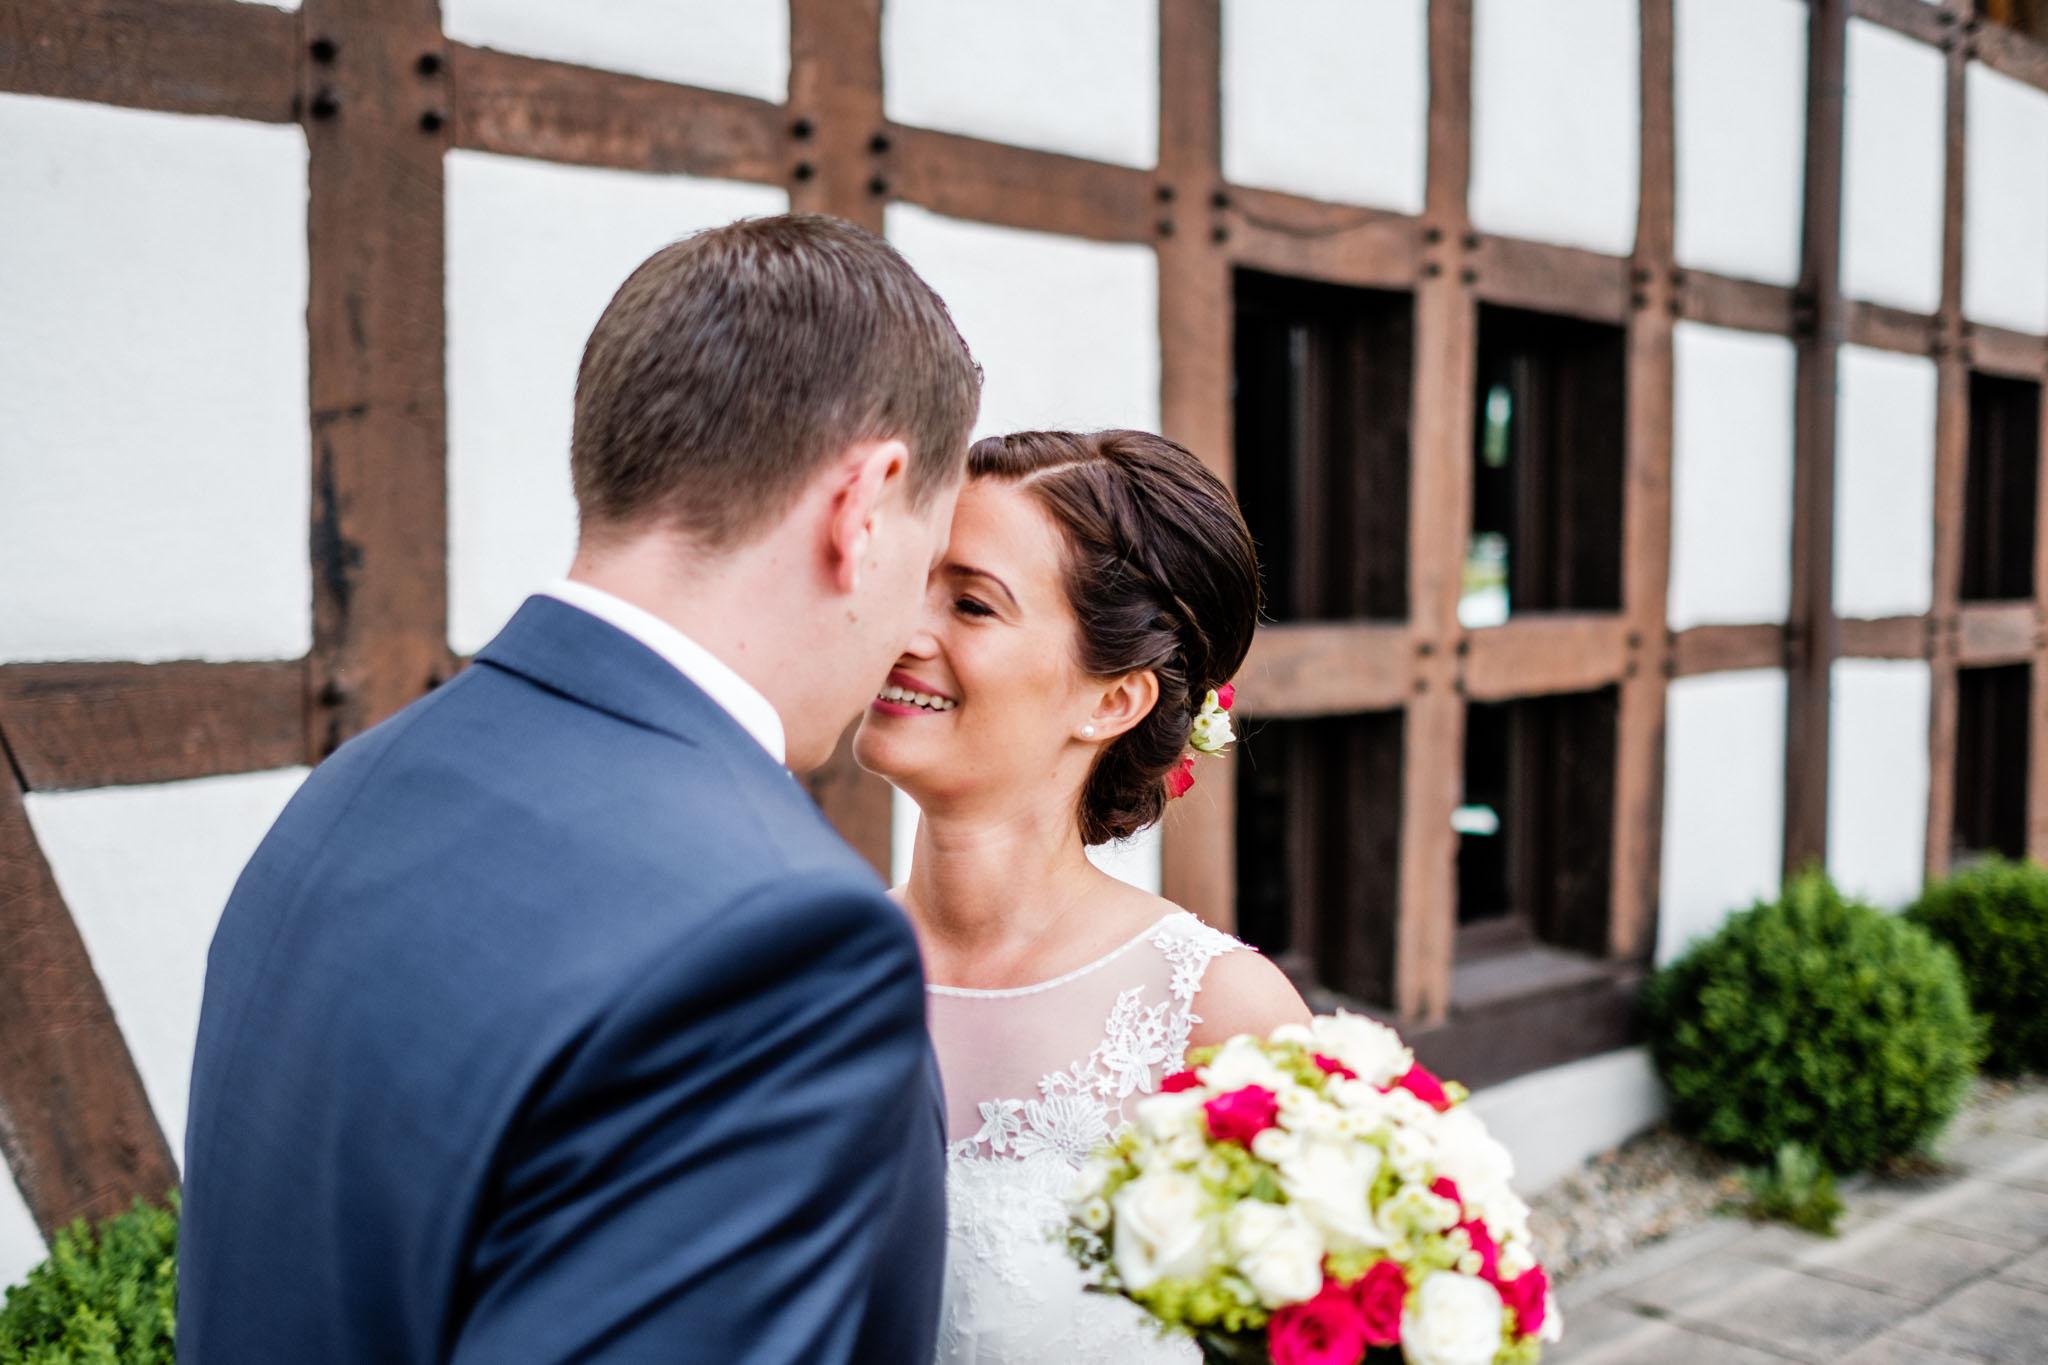 Hochzeitsfotos Lippesee Paderborn - Lippesee Paderborn Hochzeit